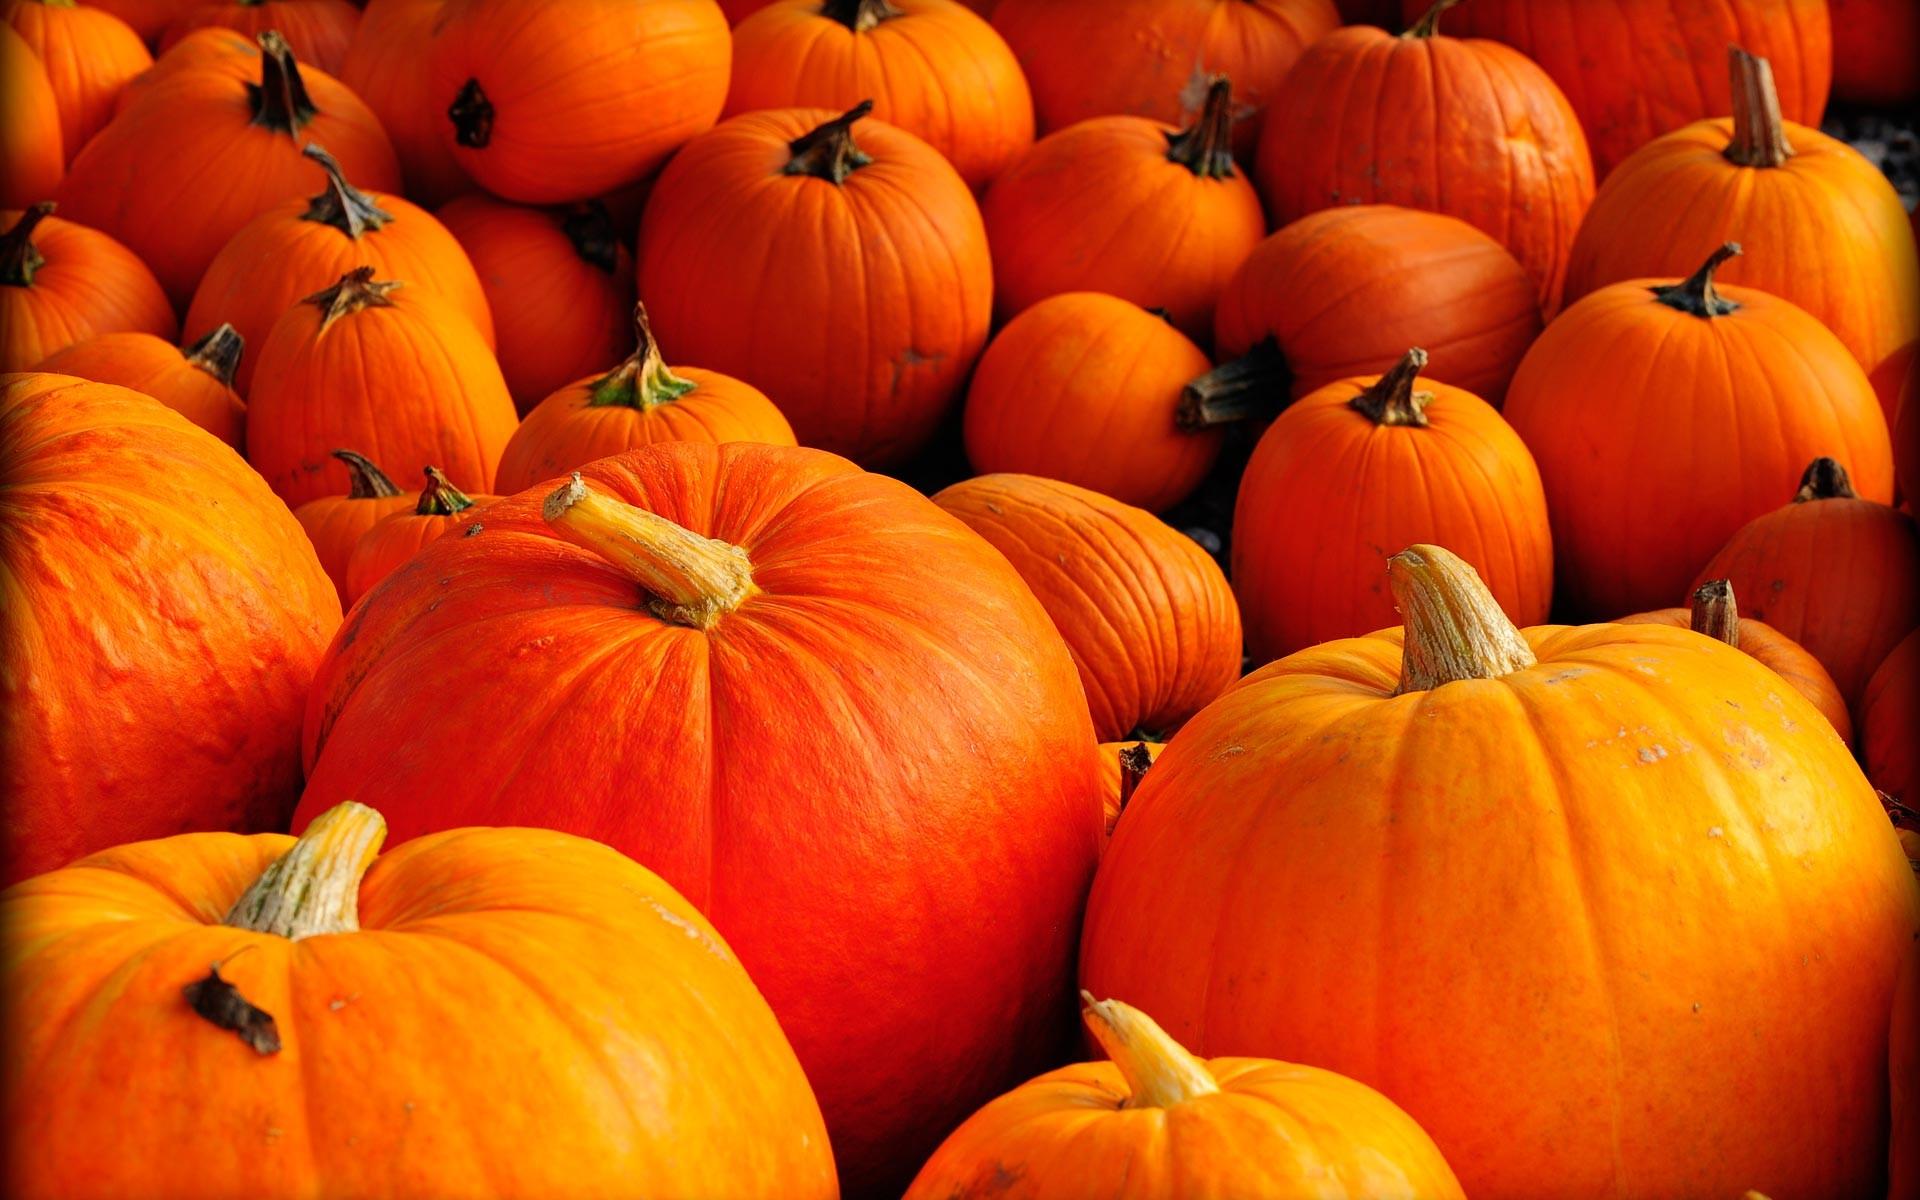 Gold Pumpkin Fruit Wallpaper Desktop.